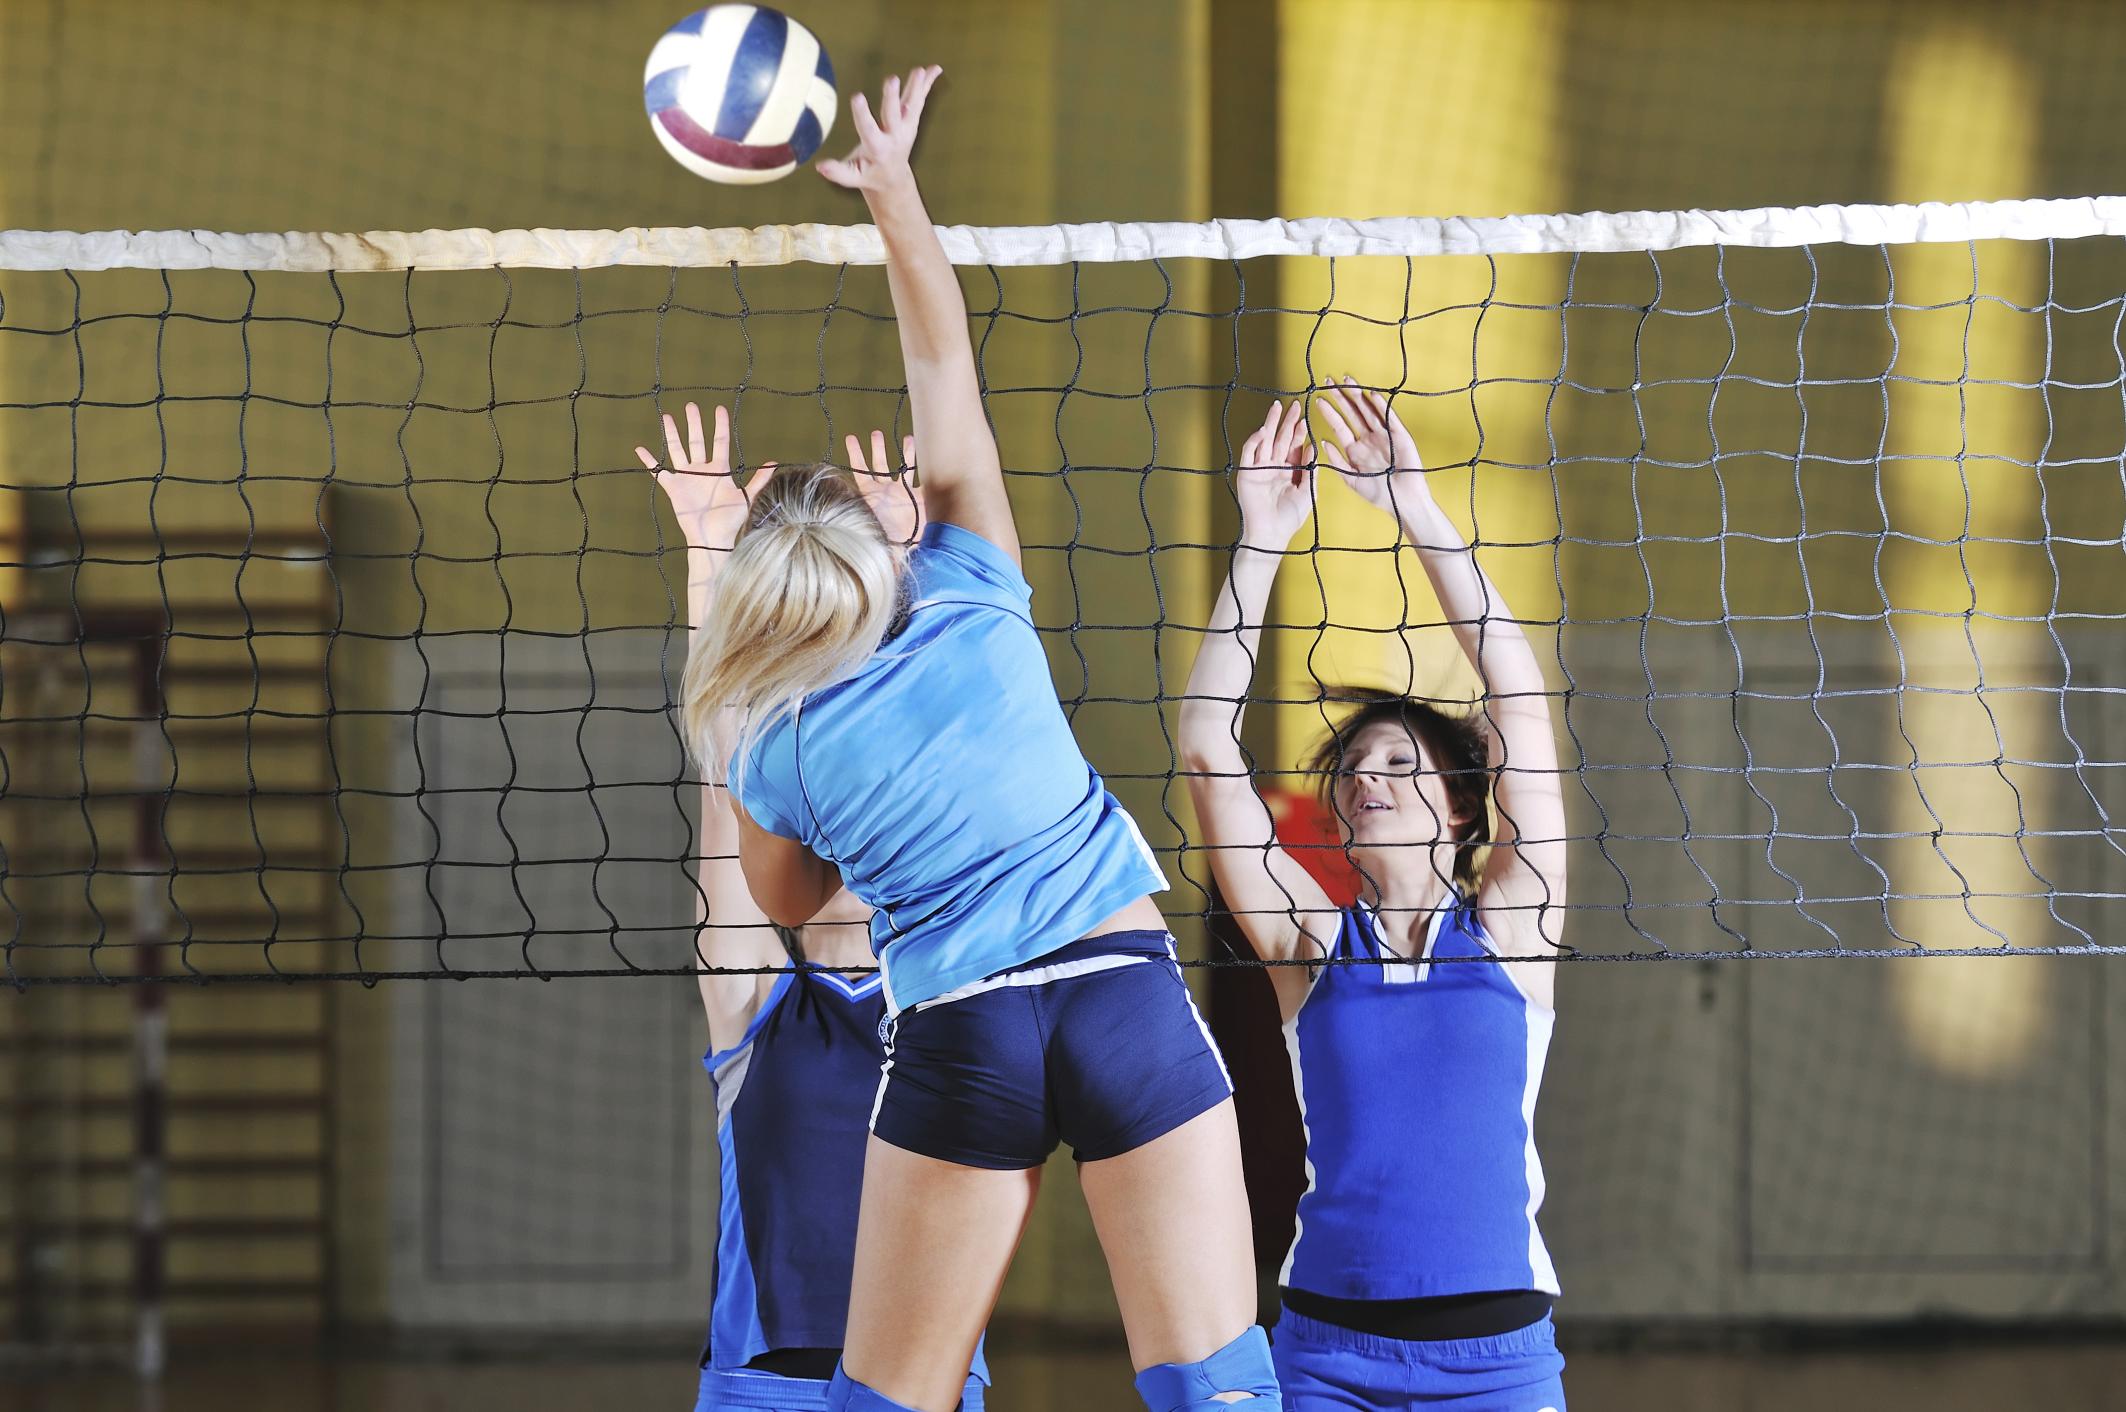 Скачать бесплатно волейбольные фотографии 4